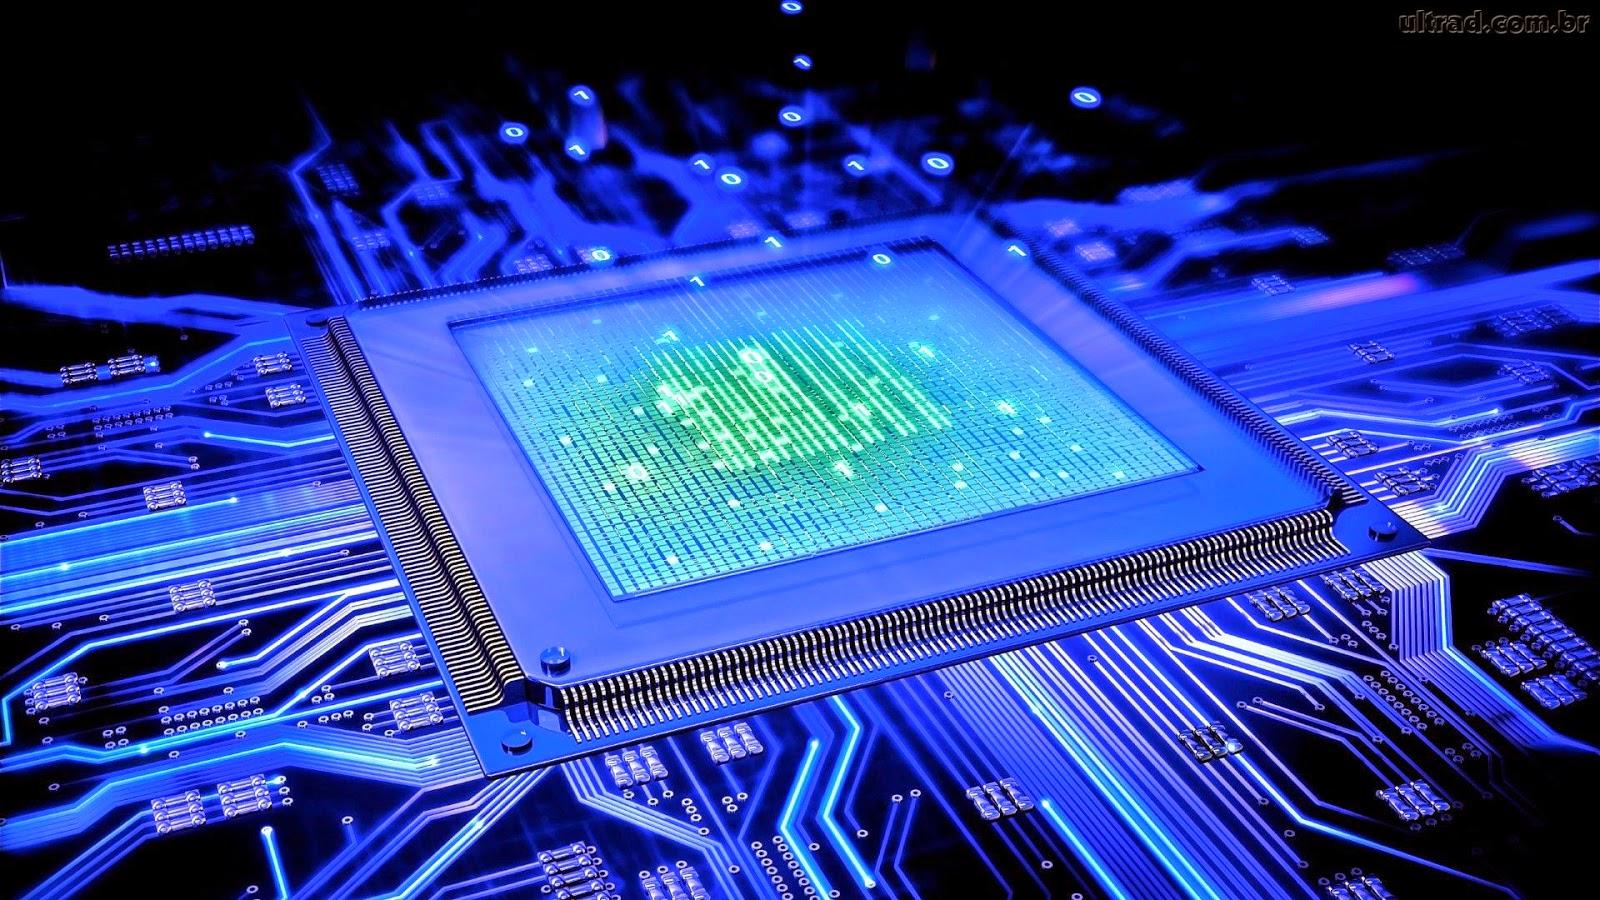 Circuito Eletricos : Circuitos elétricos e eletrônicos enciclopédia global™